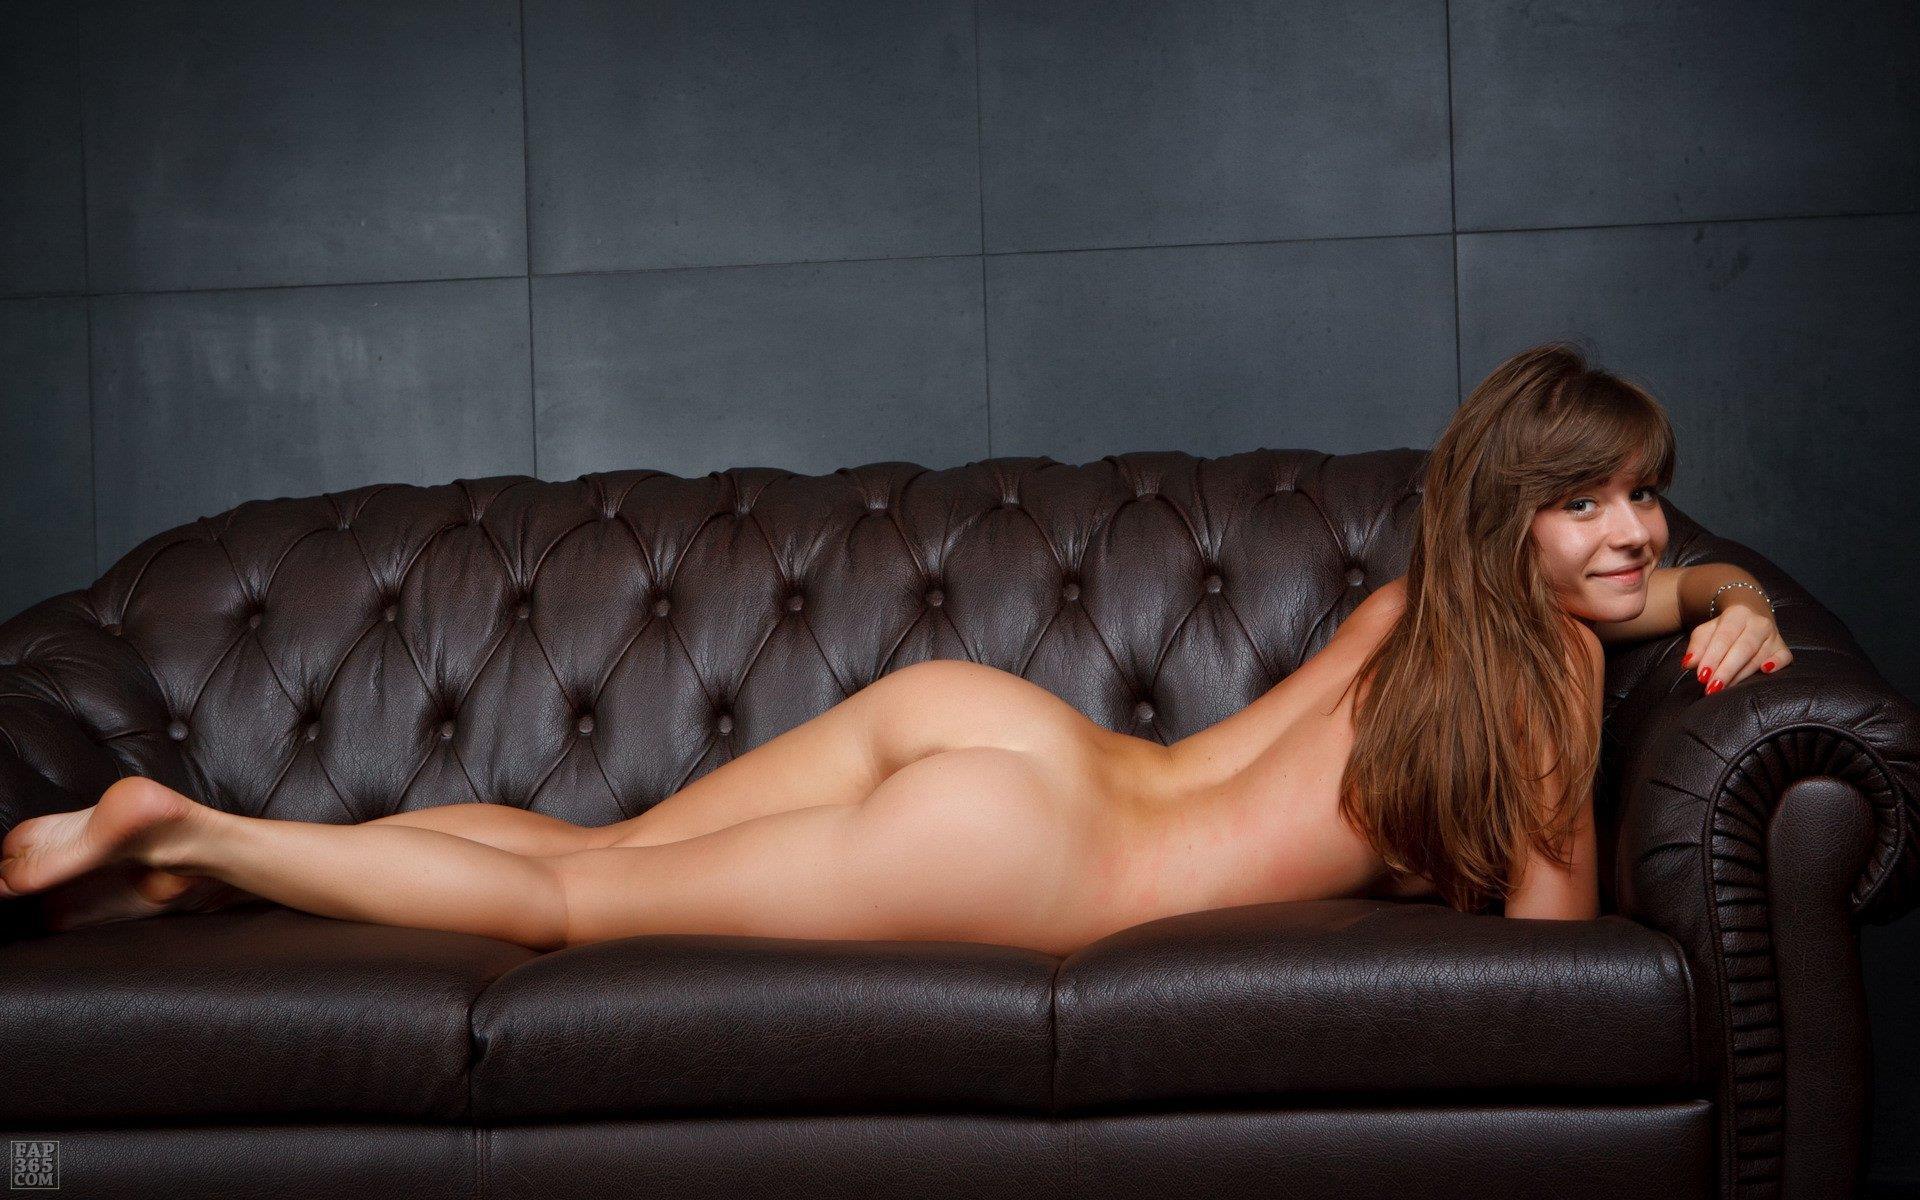 Голые женщины на диване, девушка показала порно другим своему парню